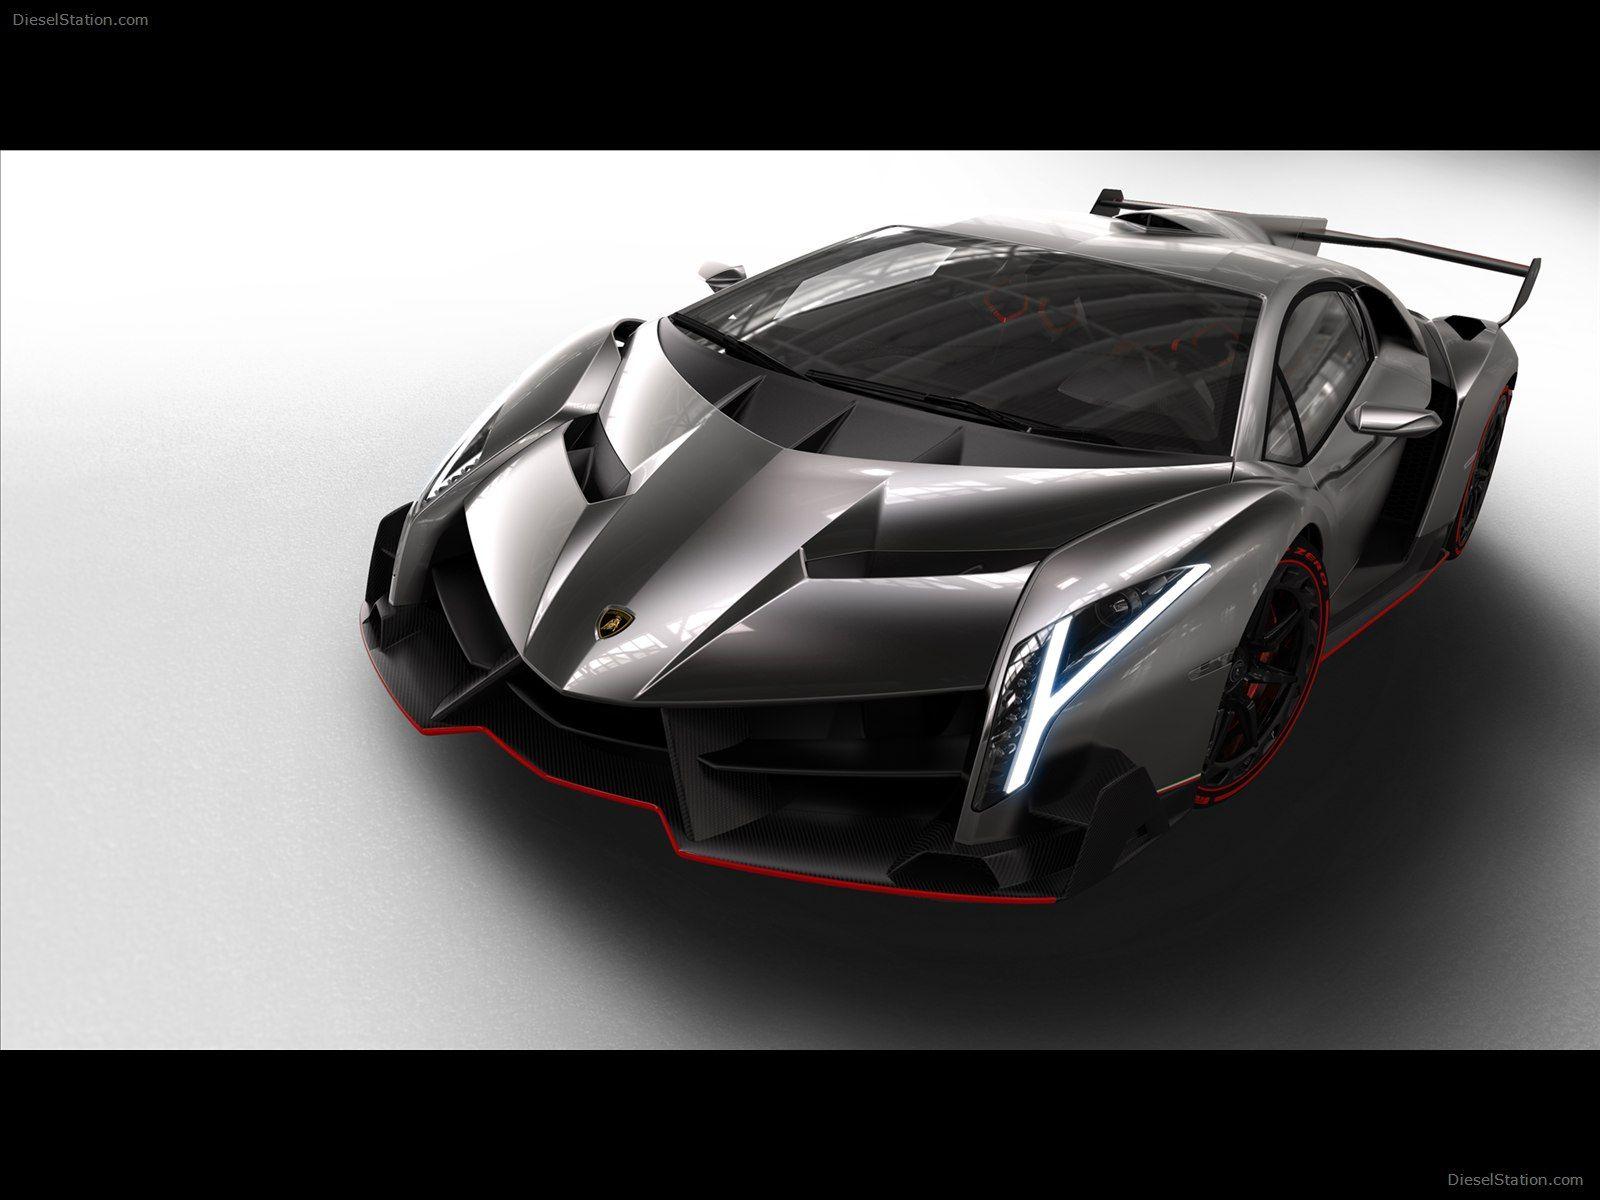 lamborghini veneno 2013 2014 2015 2016 expensive sport car photo wallpaper - Sports Cars Lamborghini 2015